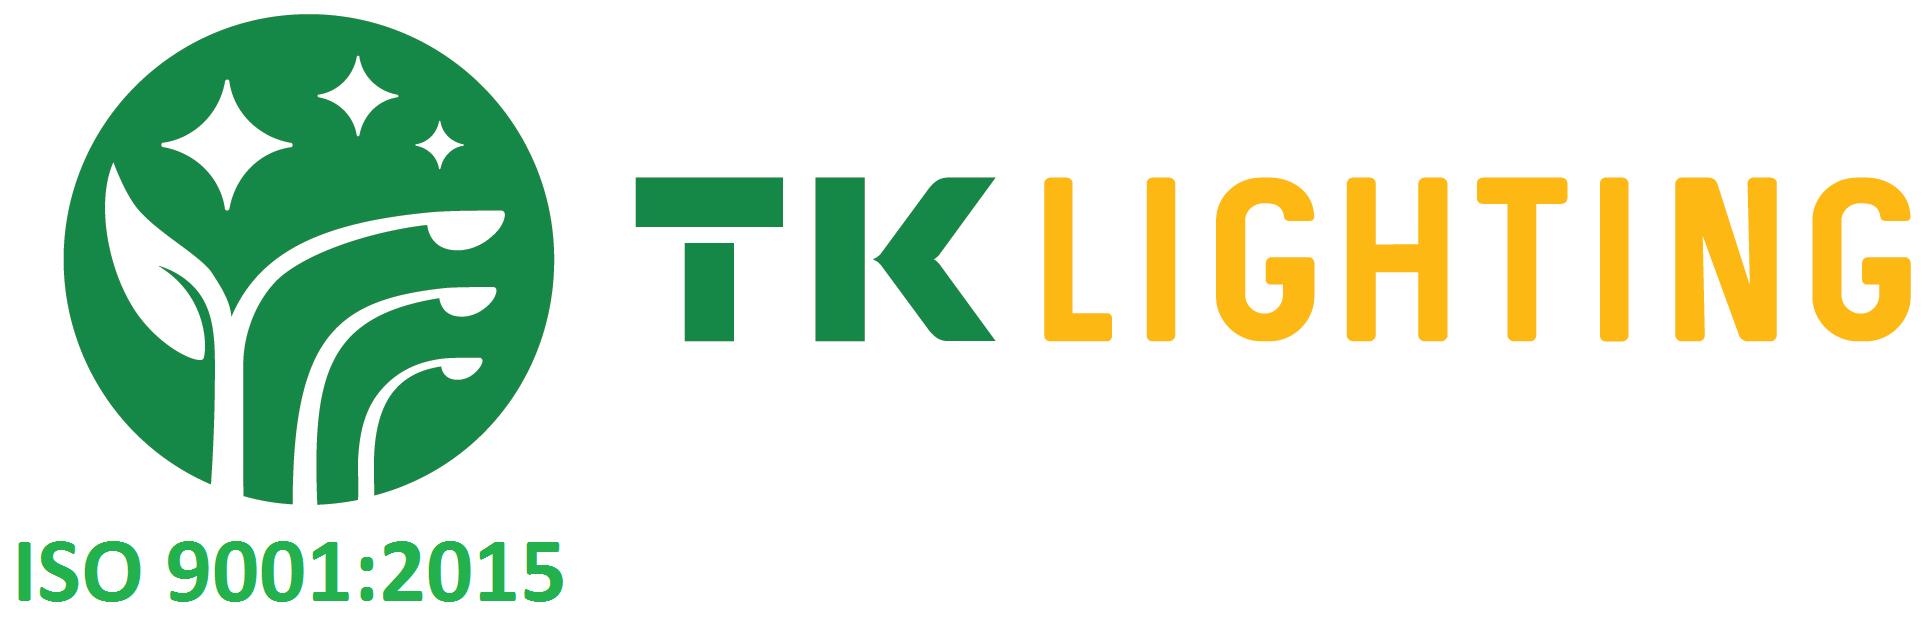 TK Lighting – Cột Đèn Sân Vườn – Cột Đèn Cao Áp  – Đèn LED Giá Rẻ